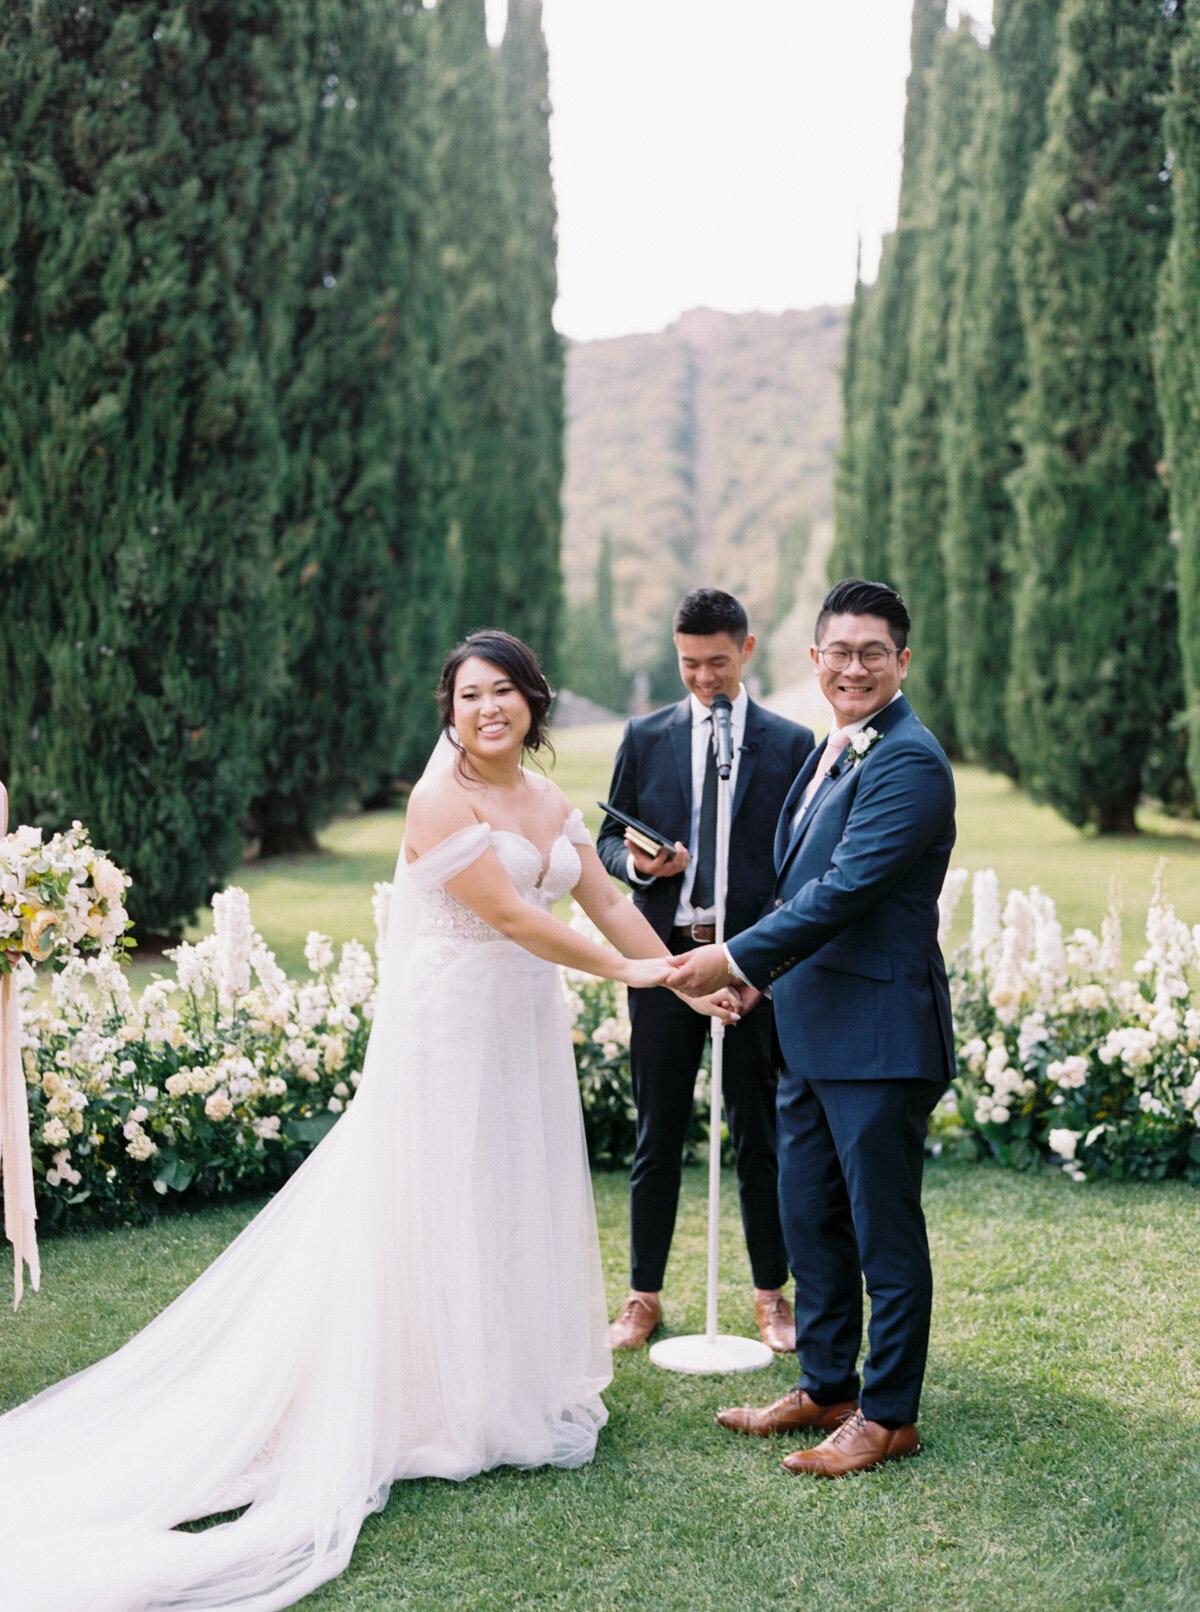 Villa-Cetinale-Tuscany-Katie-Grant-destination-wedding (74 of 115).jpg